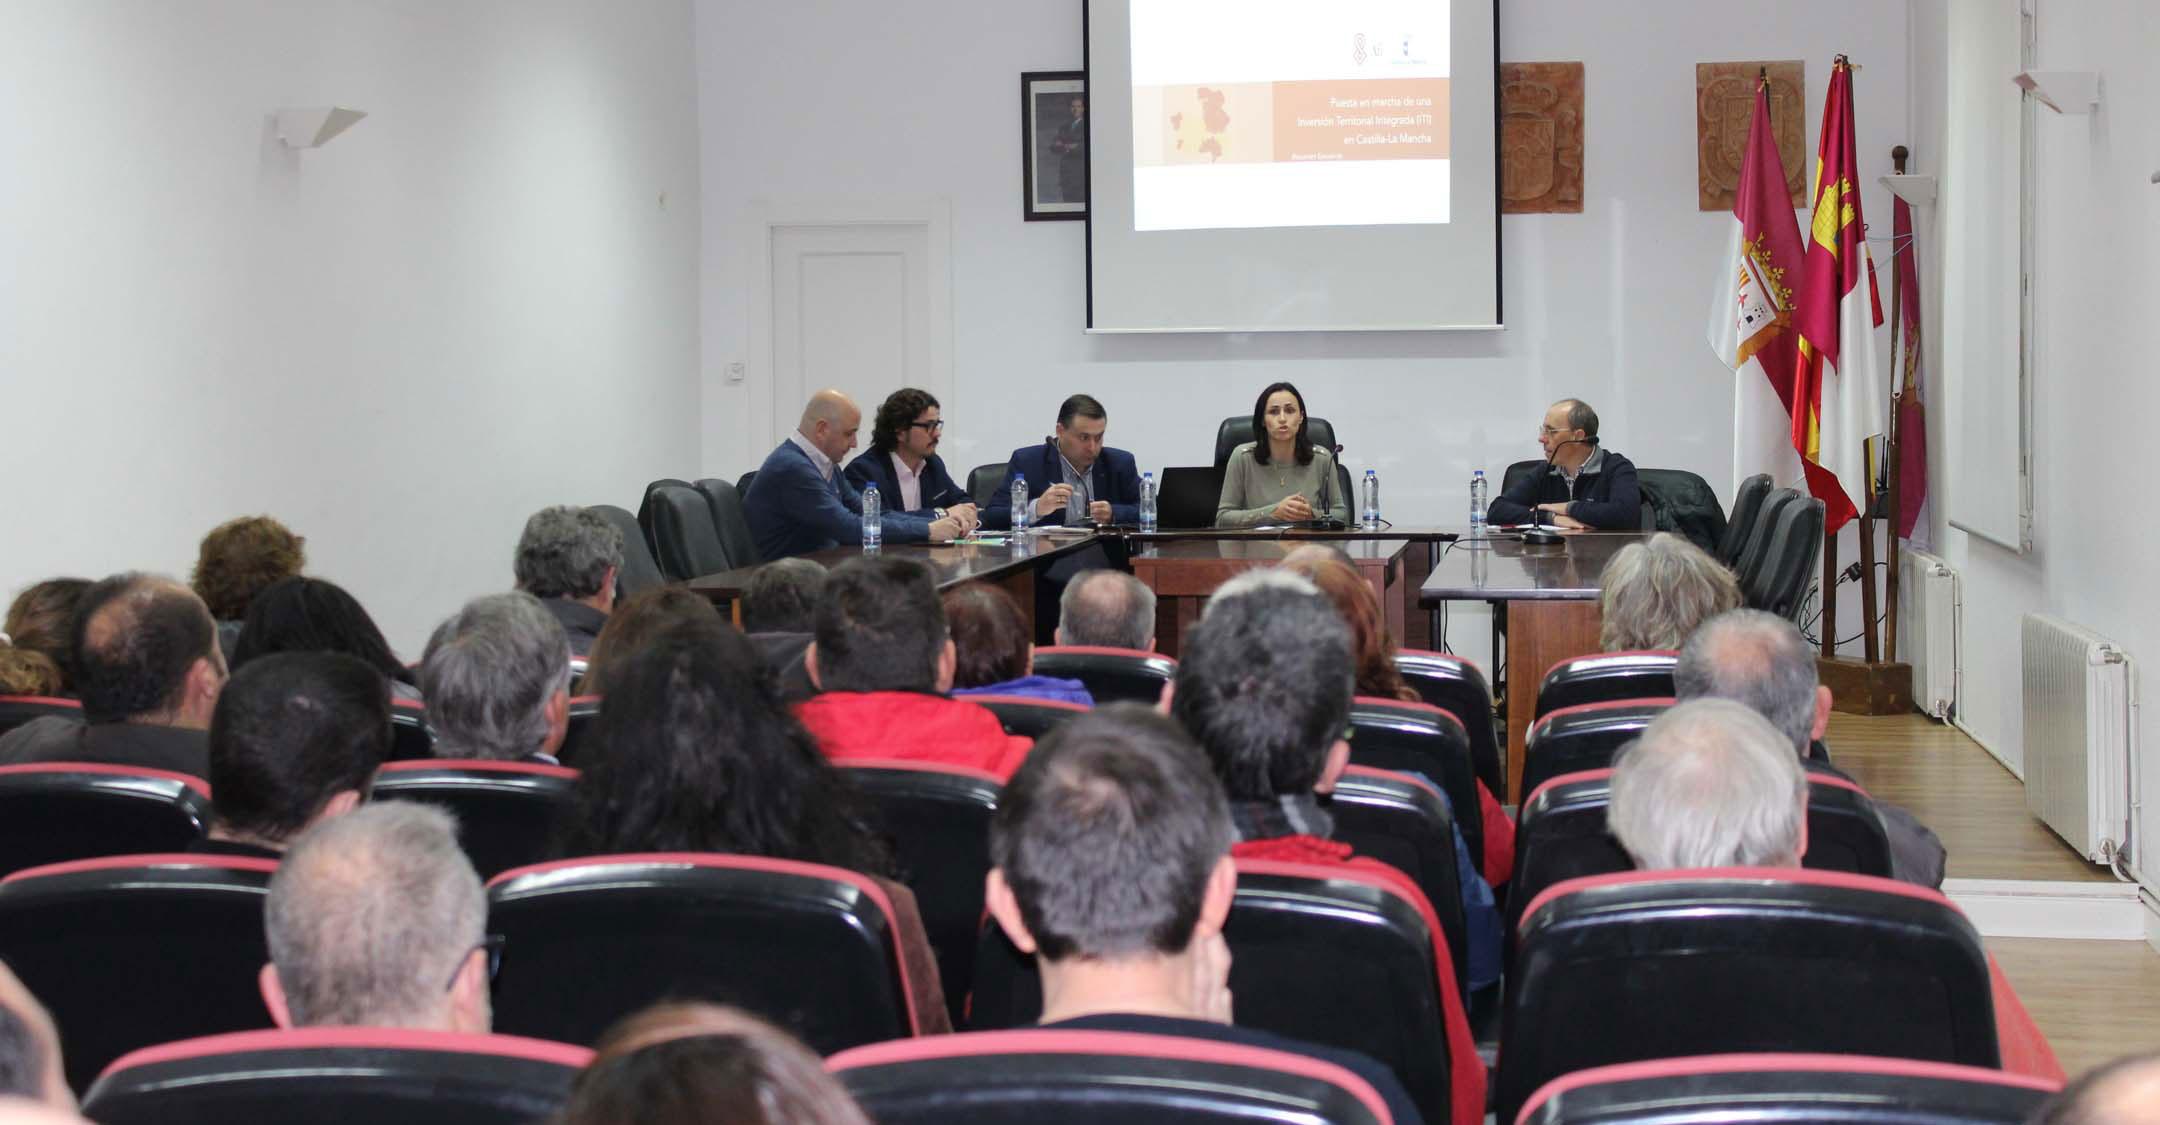 Las empresas de Villanueva de los Infantes se informan sobre Inversiones Territoriales Integradas en una Jornada Informativa organizada por Turinfa